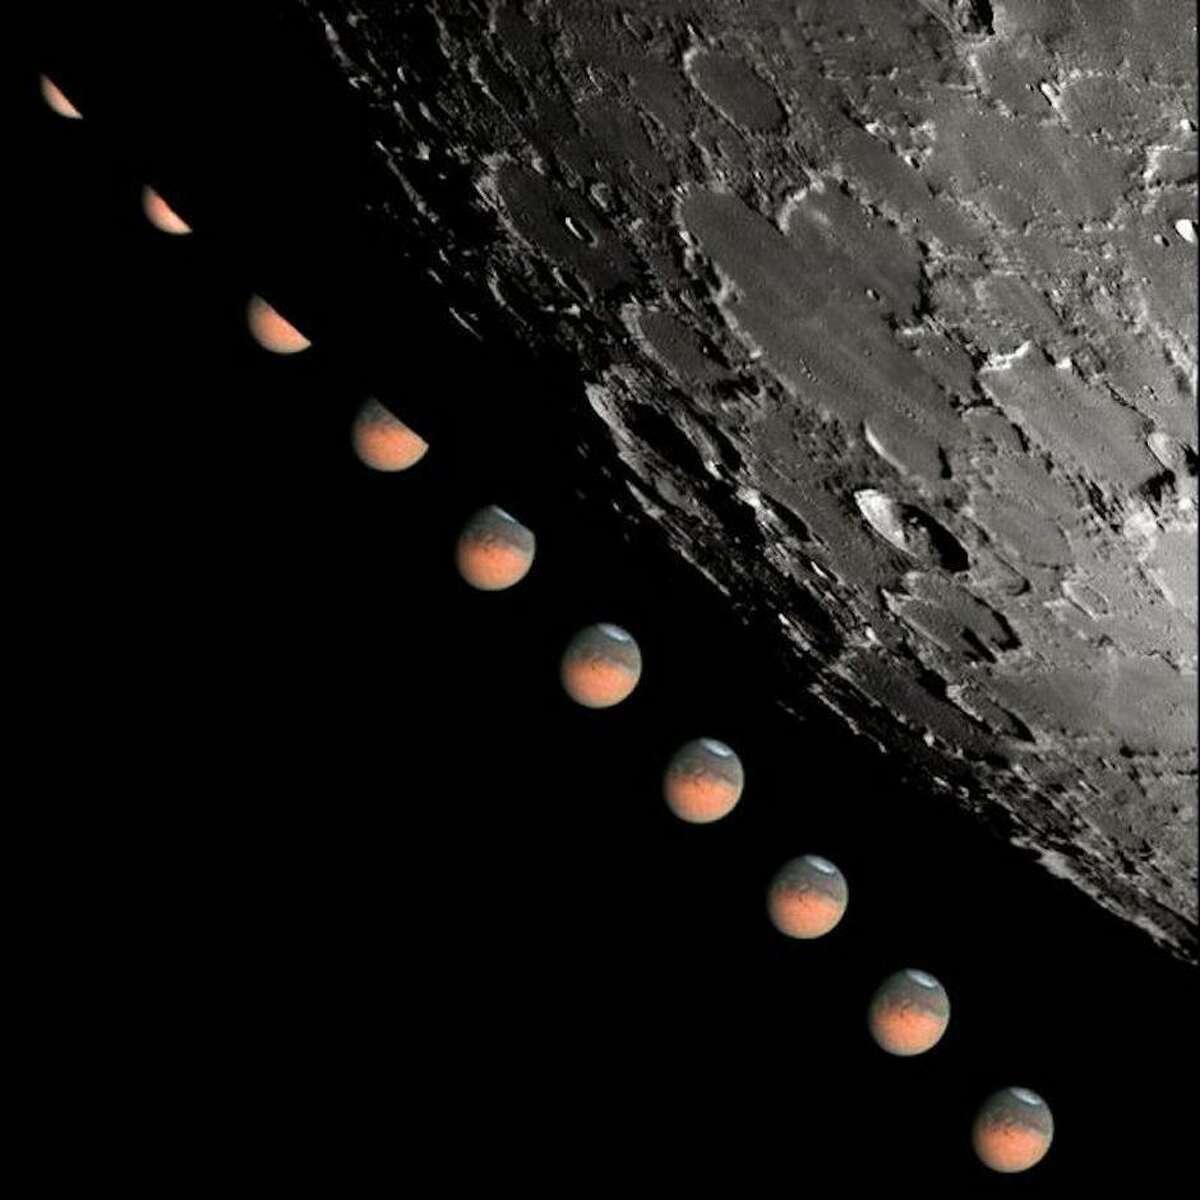 Ron Dantowitz took this image in Bonita Springs, Florida, during the June 2003 Mars occultation event.